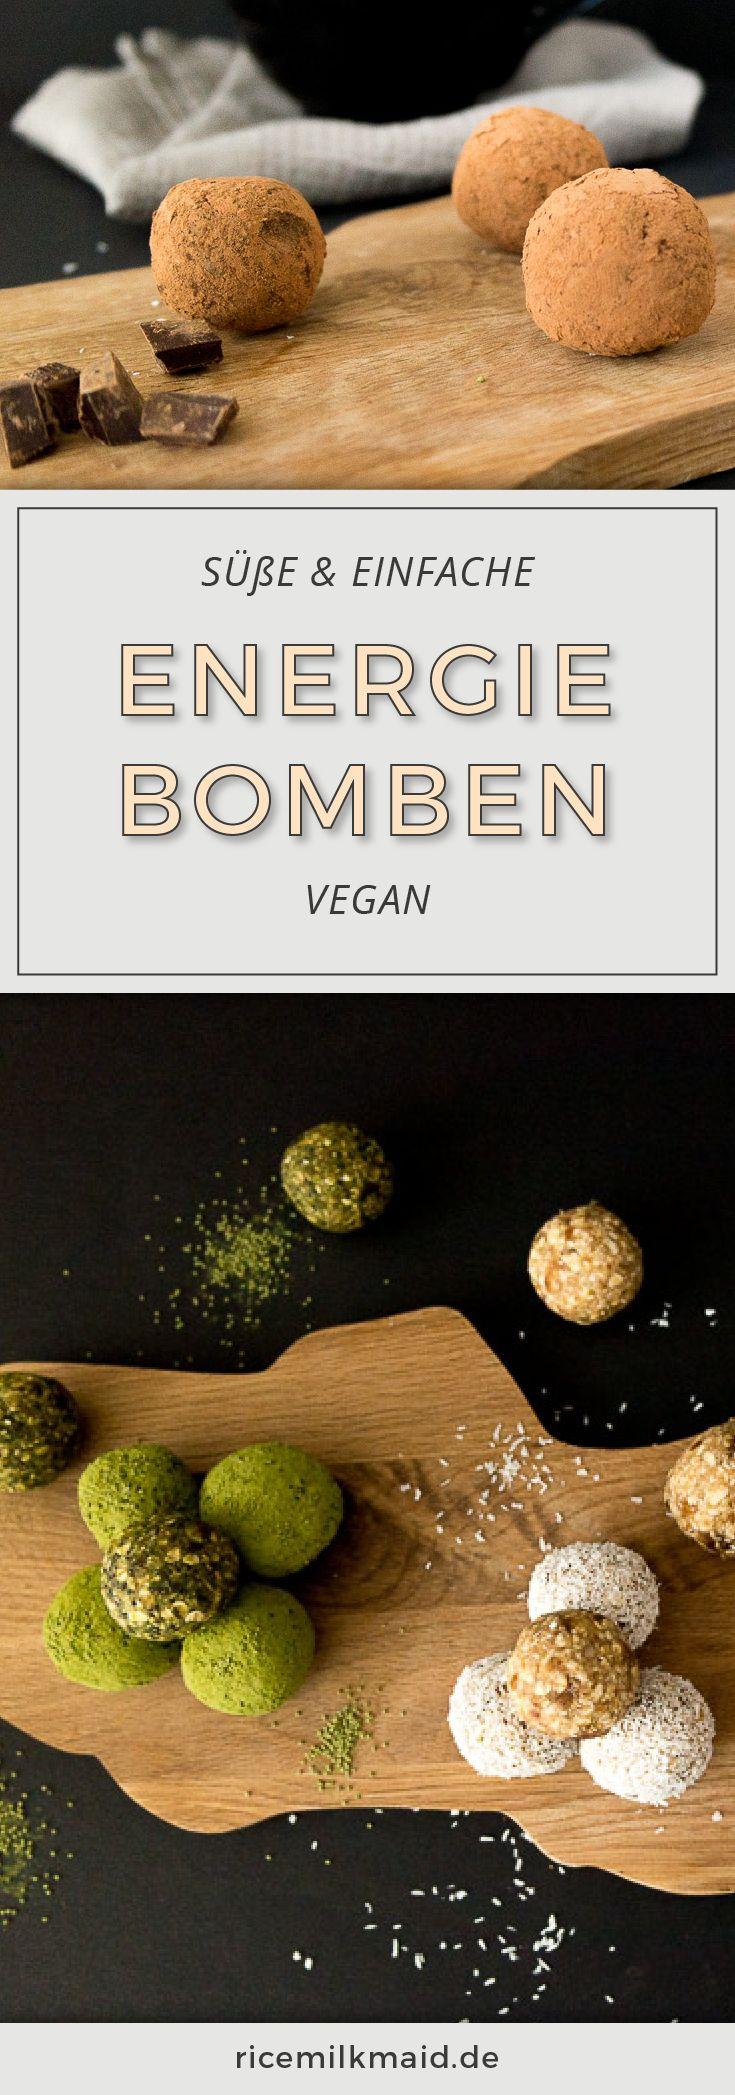 Vegane und süße Energiebomben, die man easypeasy zusammenmischen kann. Einfach zum Grundteig deinen Lieblingsgeschmack beimischen. Auch super als Muttertagsgeschenk. Klick dich gleich zum Rezept!